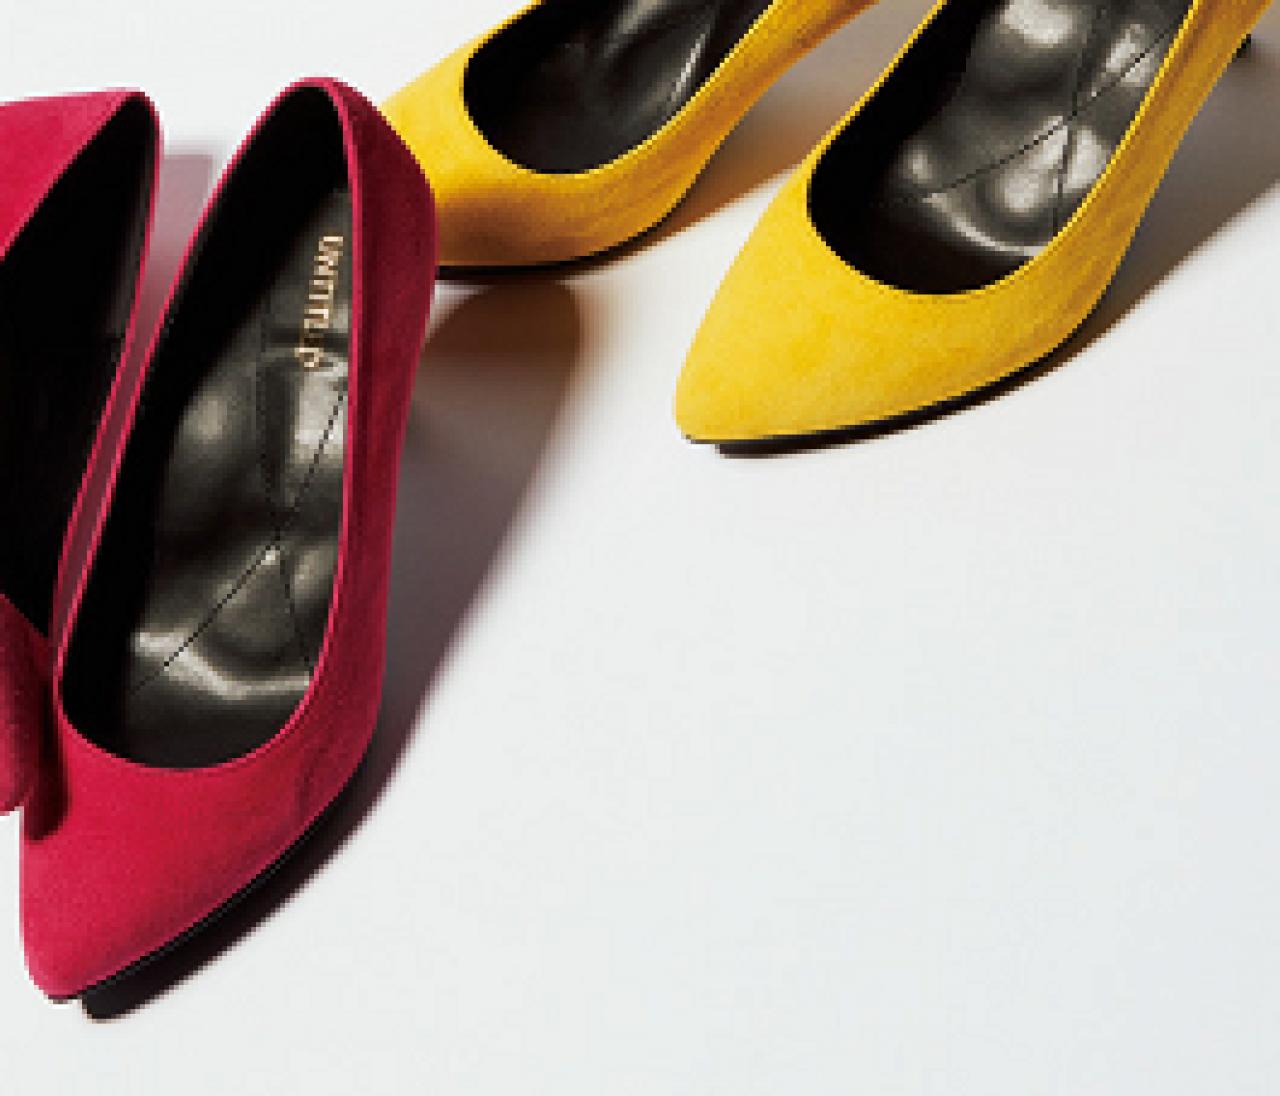 コンフォトジェニックな靴って知ってる? 履き心地楽な靴のこと!【深夜のポチりはきれいへの近道】